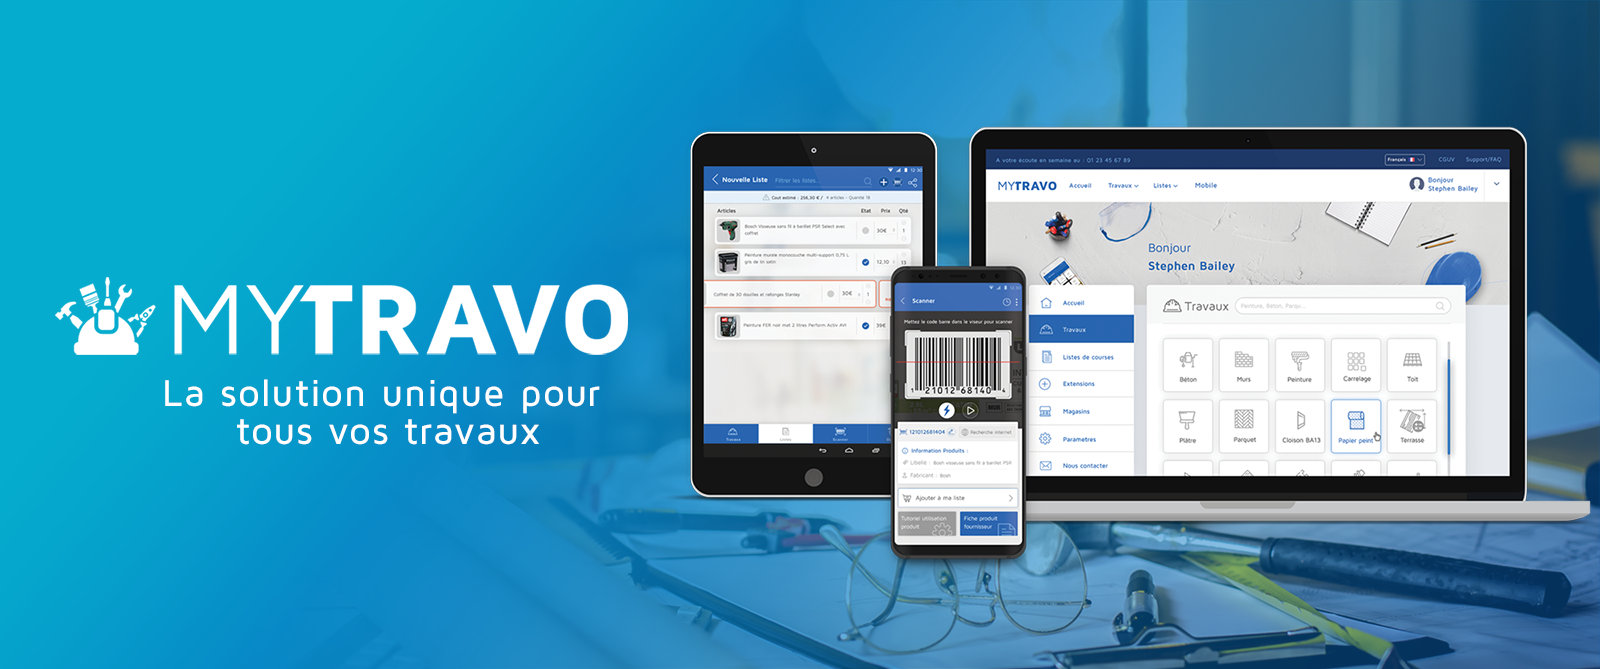 Avis Mytravo : La solution qui calcule vos coûts & besoins pour vos travaux - Appvizer